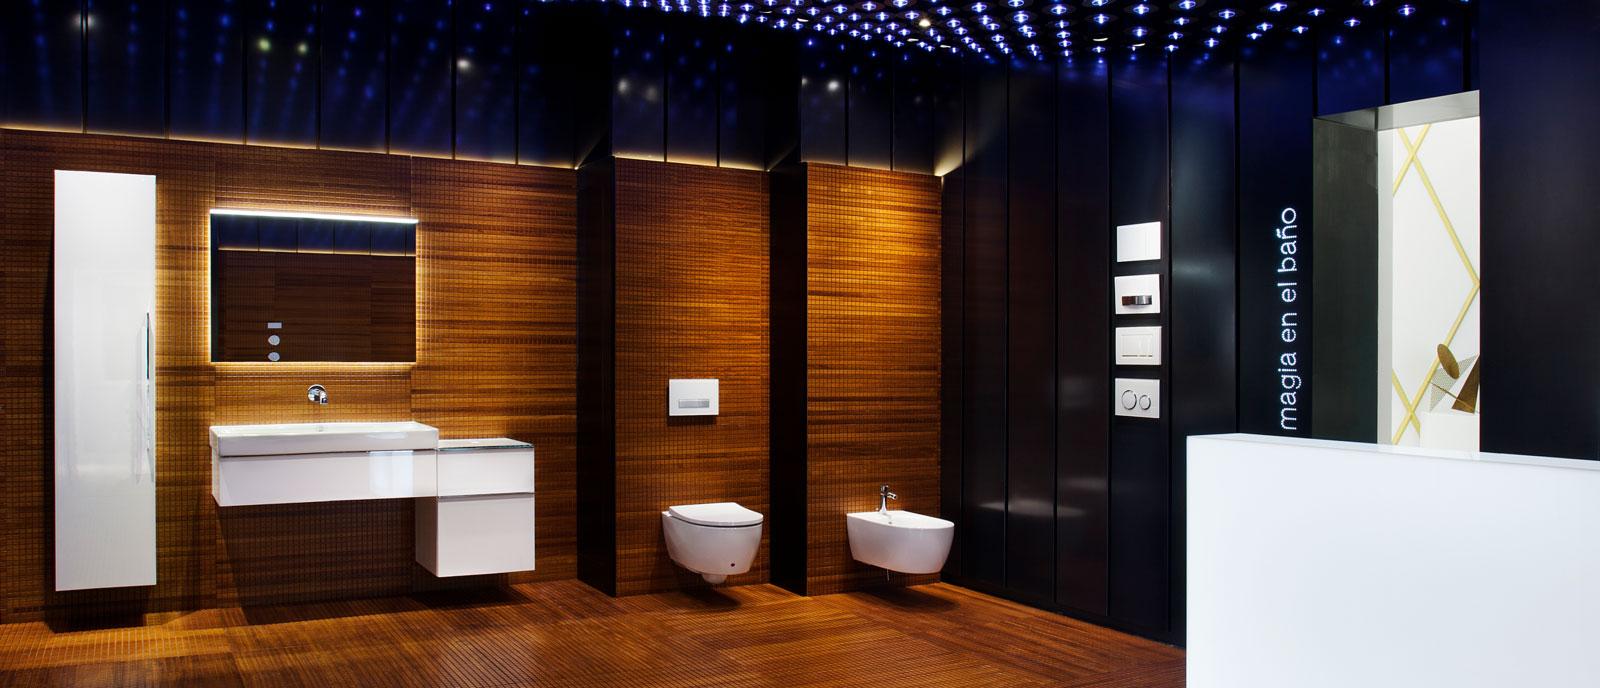 «Magia en el baño» – Espacio Geberit